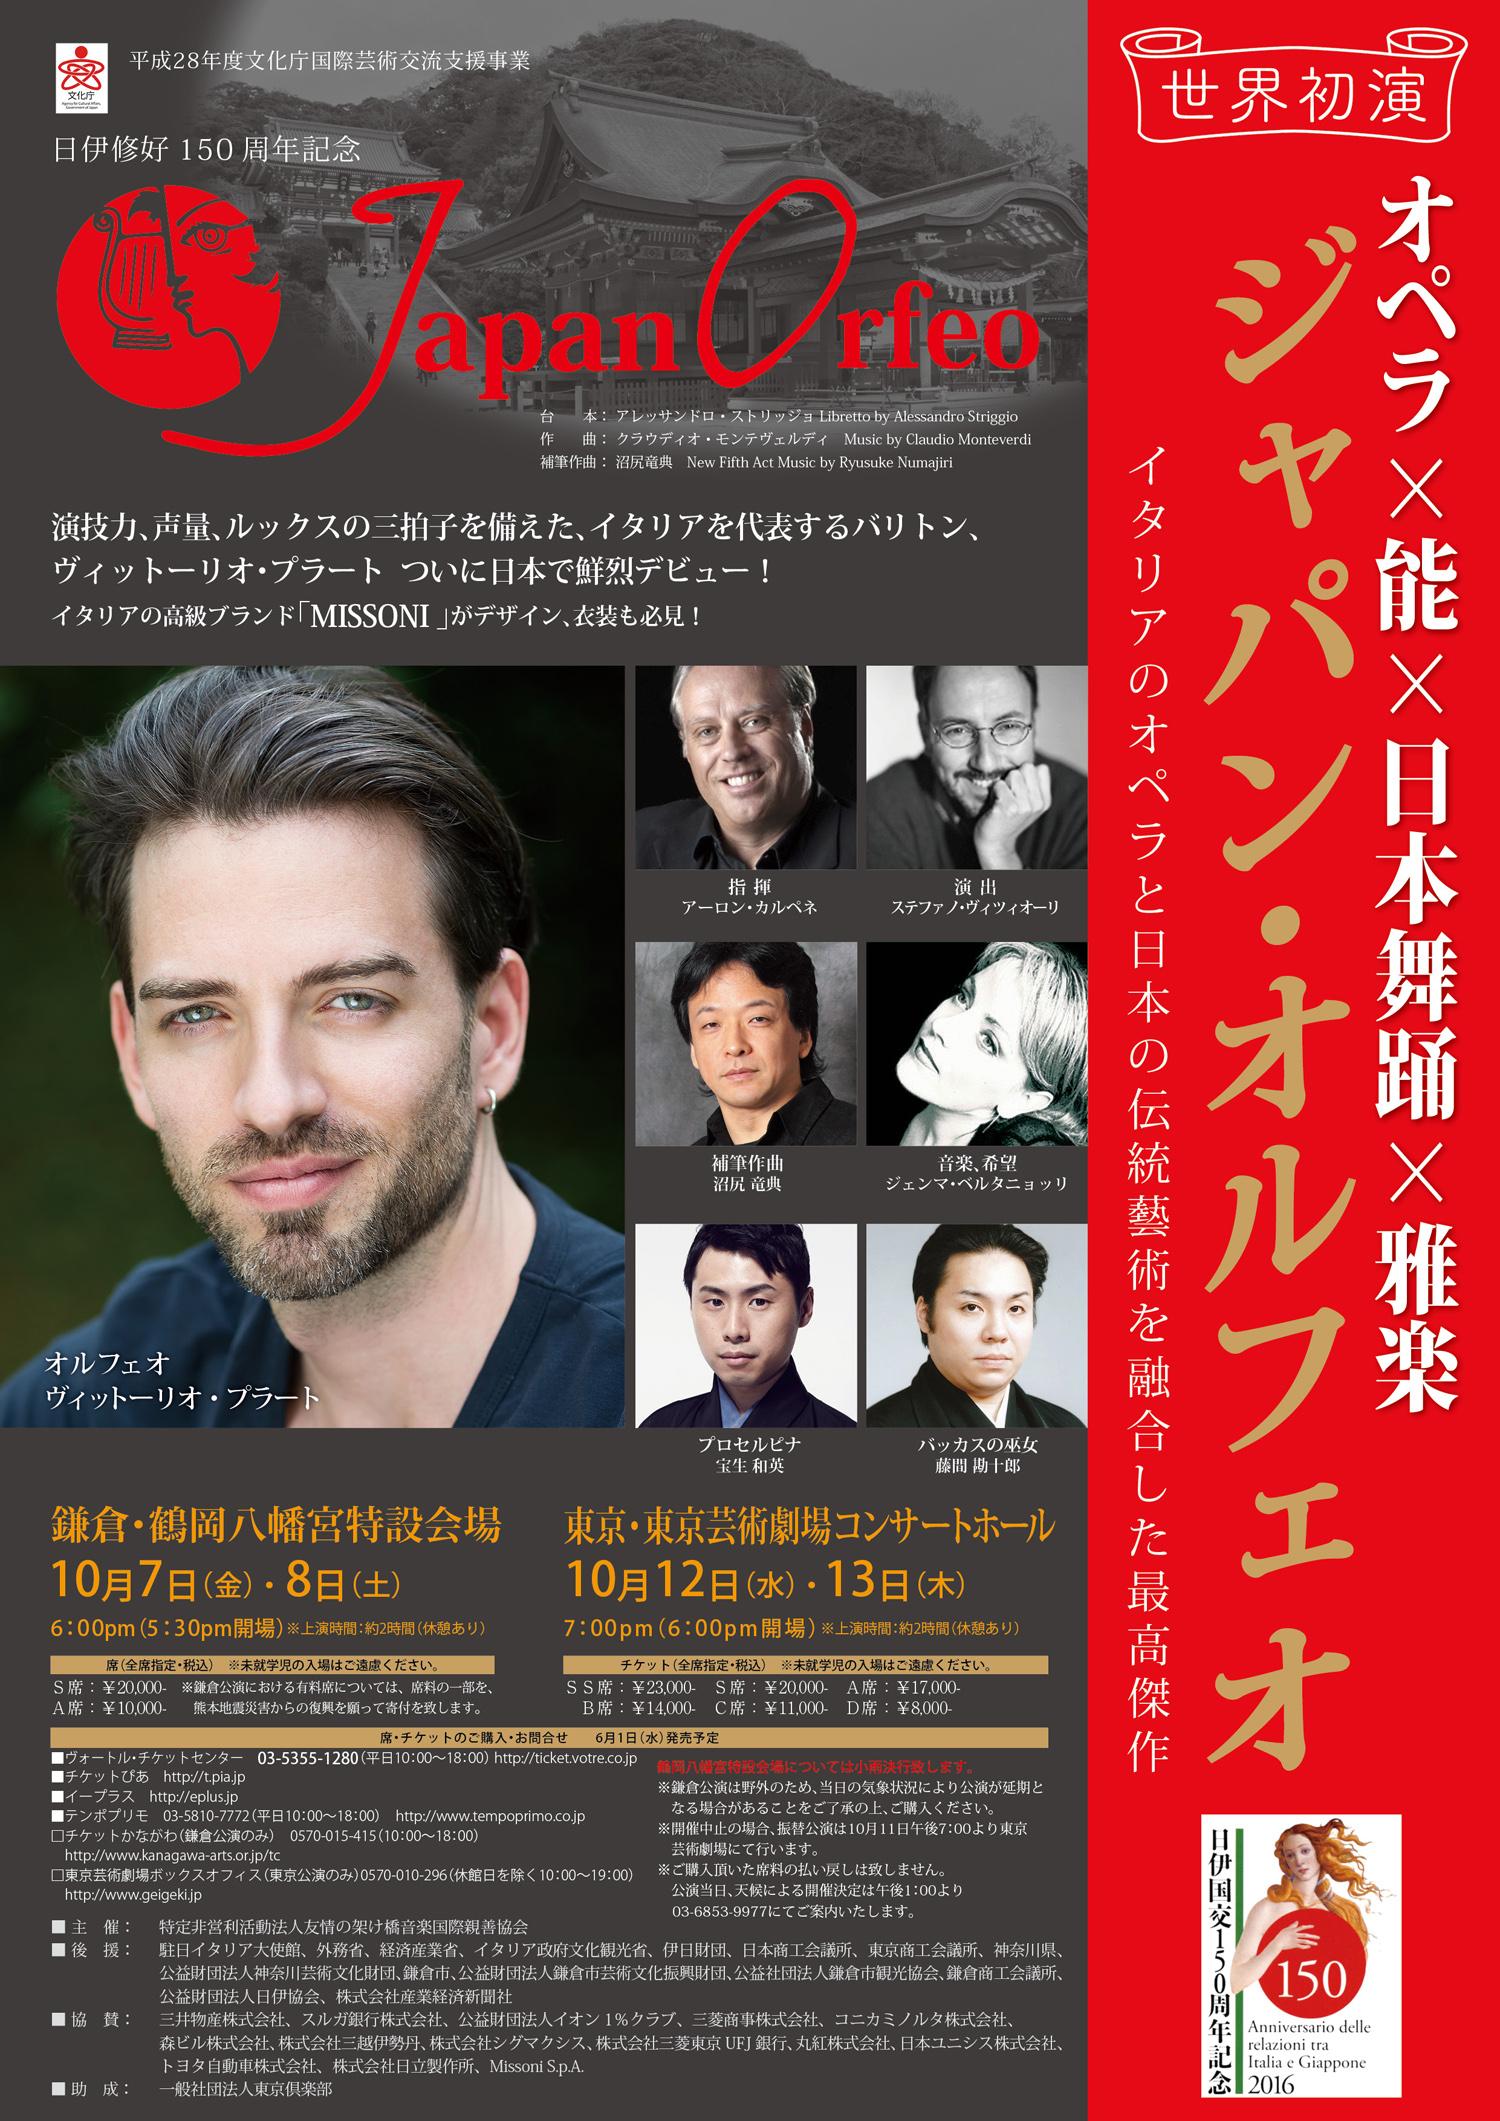 1. Japan Orfeo flier 表3